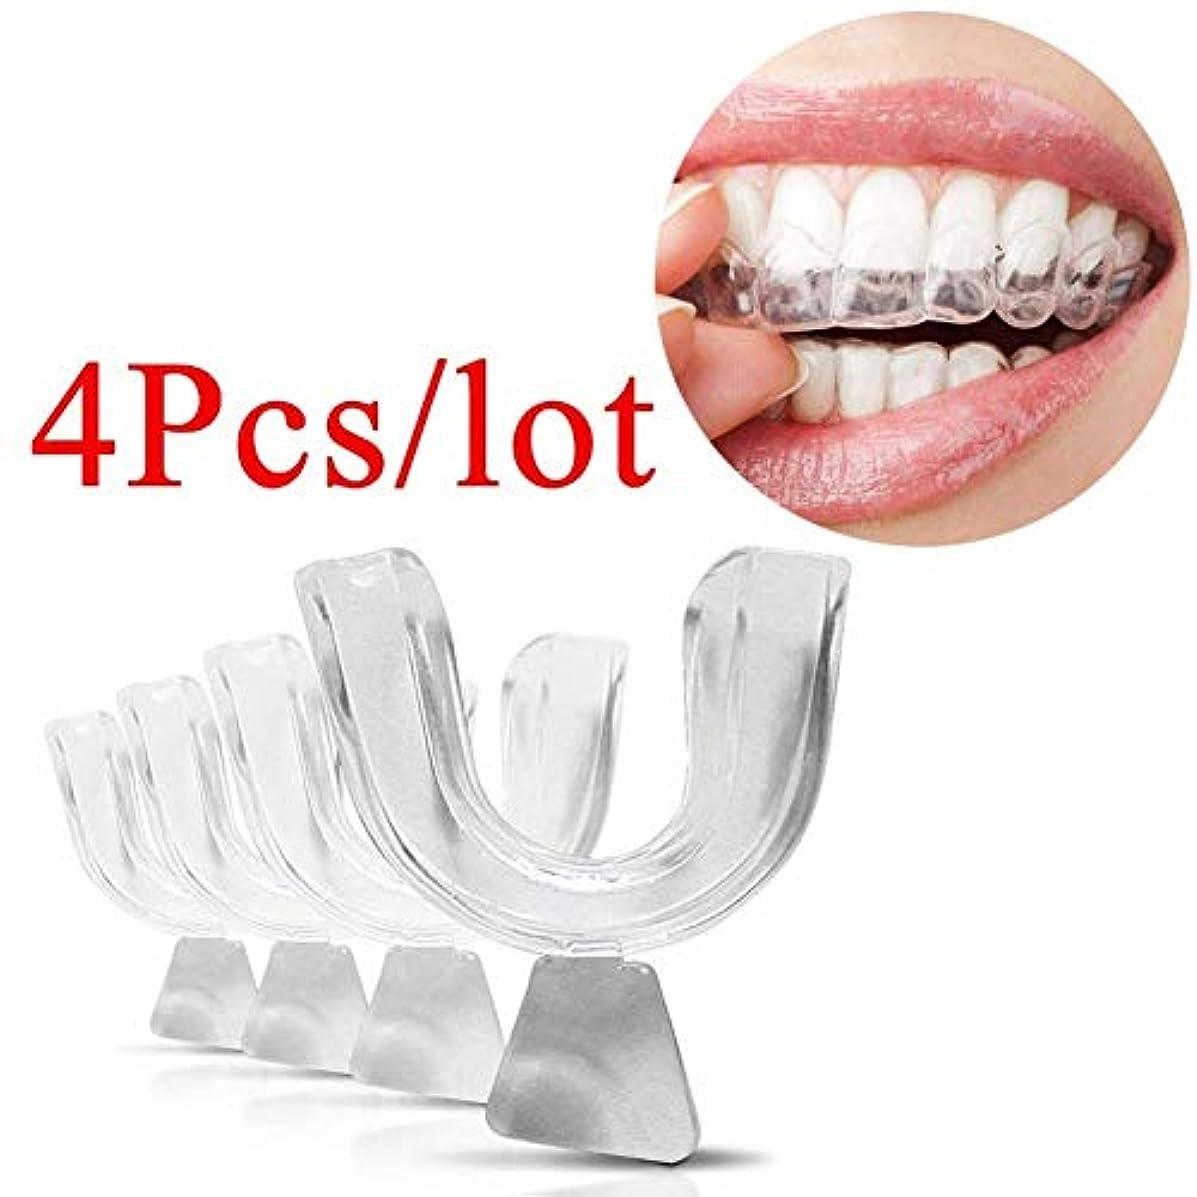 誓い合図山透明な食品等級を白くする安全な口の皿のMoldable歯科用歯の口の歯,4Pcs